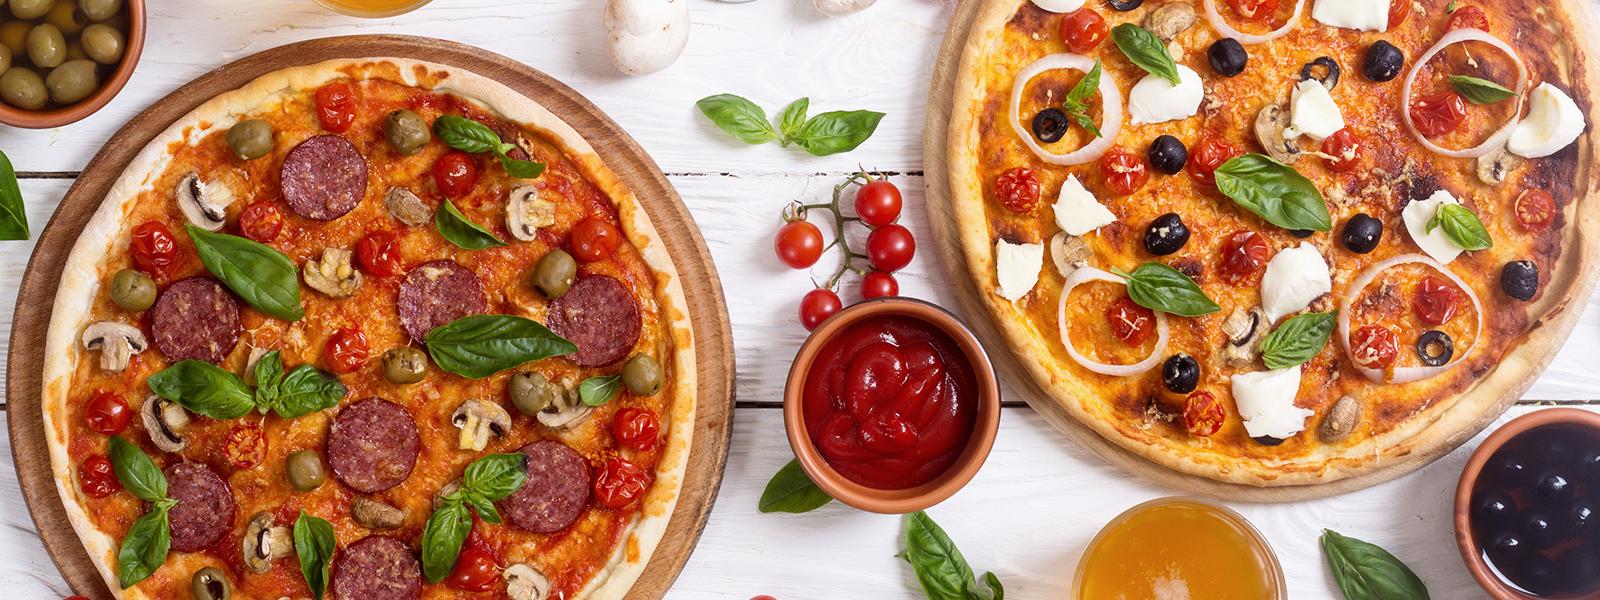 Pizza Time Pizza Time Maldon Takeaway Order Online